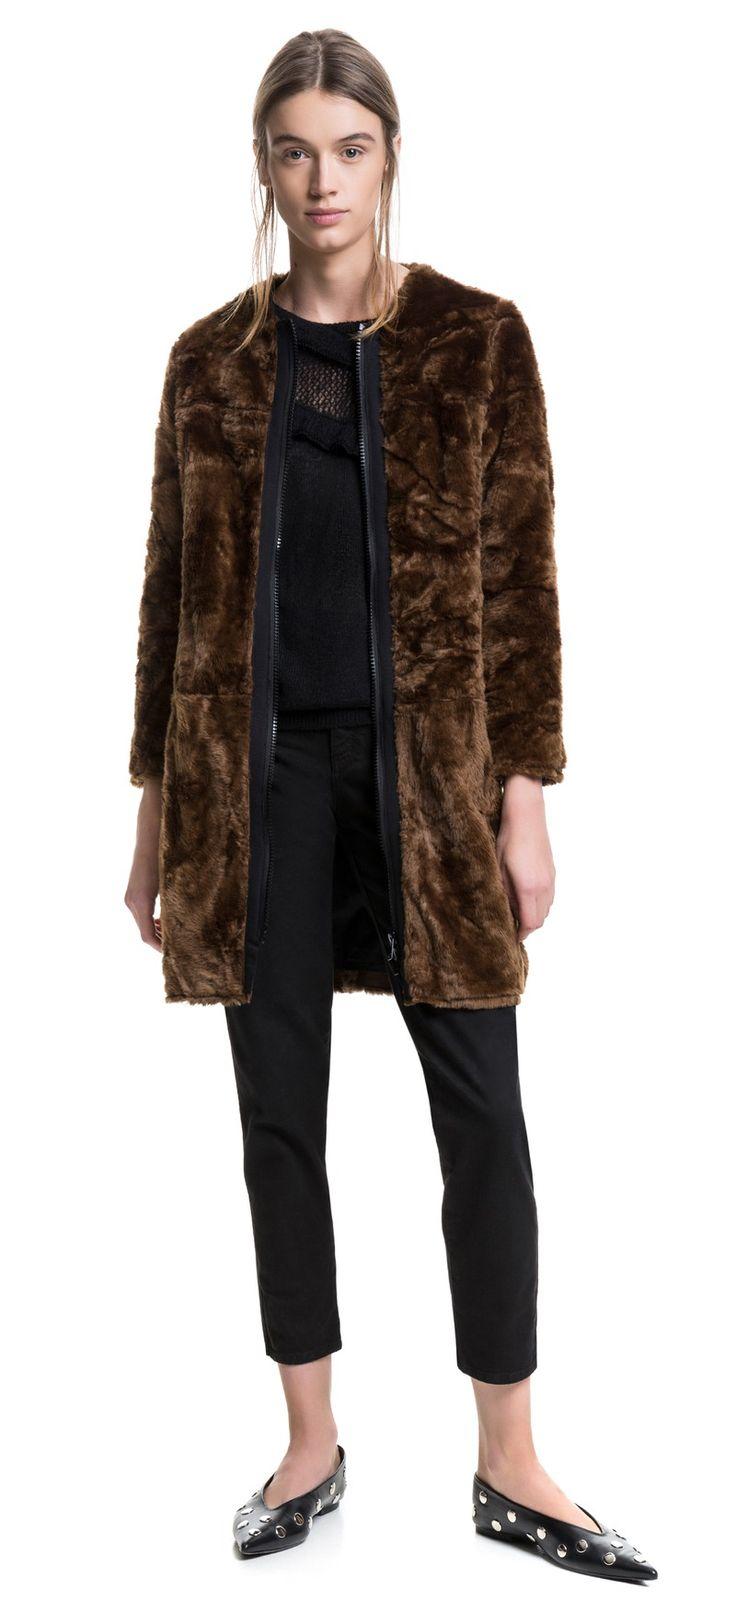 BIMBA Y LOLA Abrigo marrón pelo